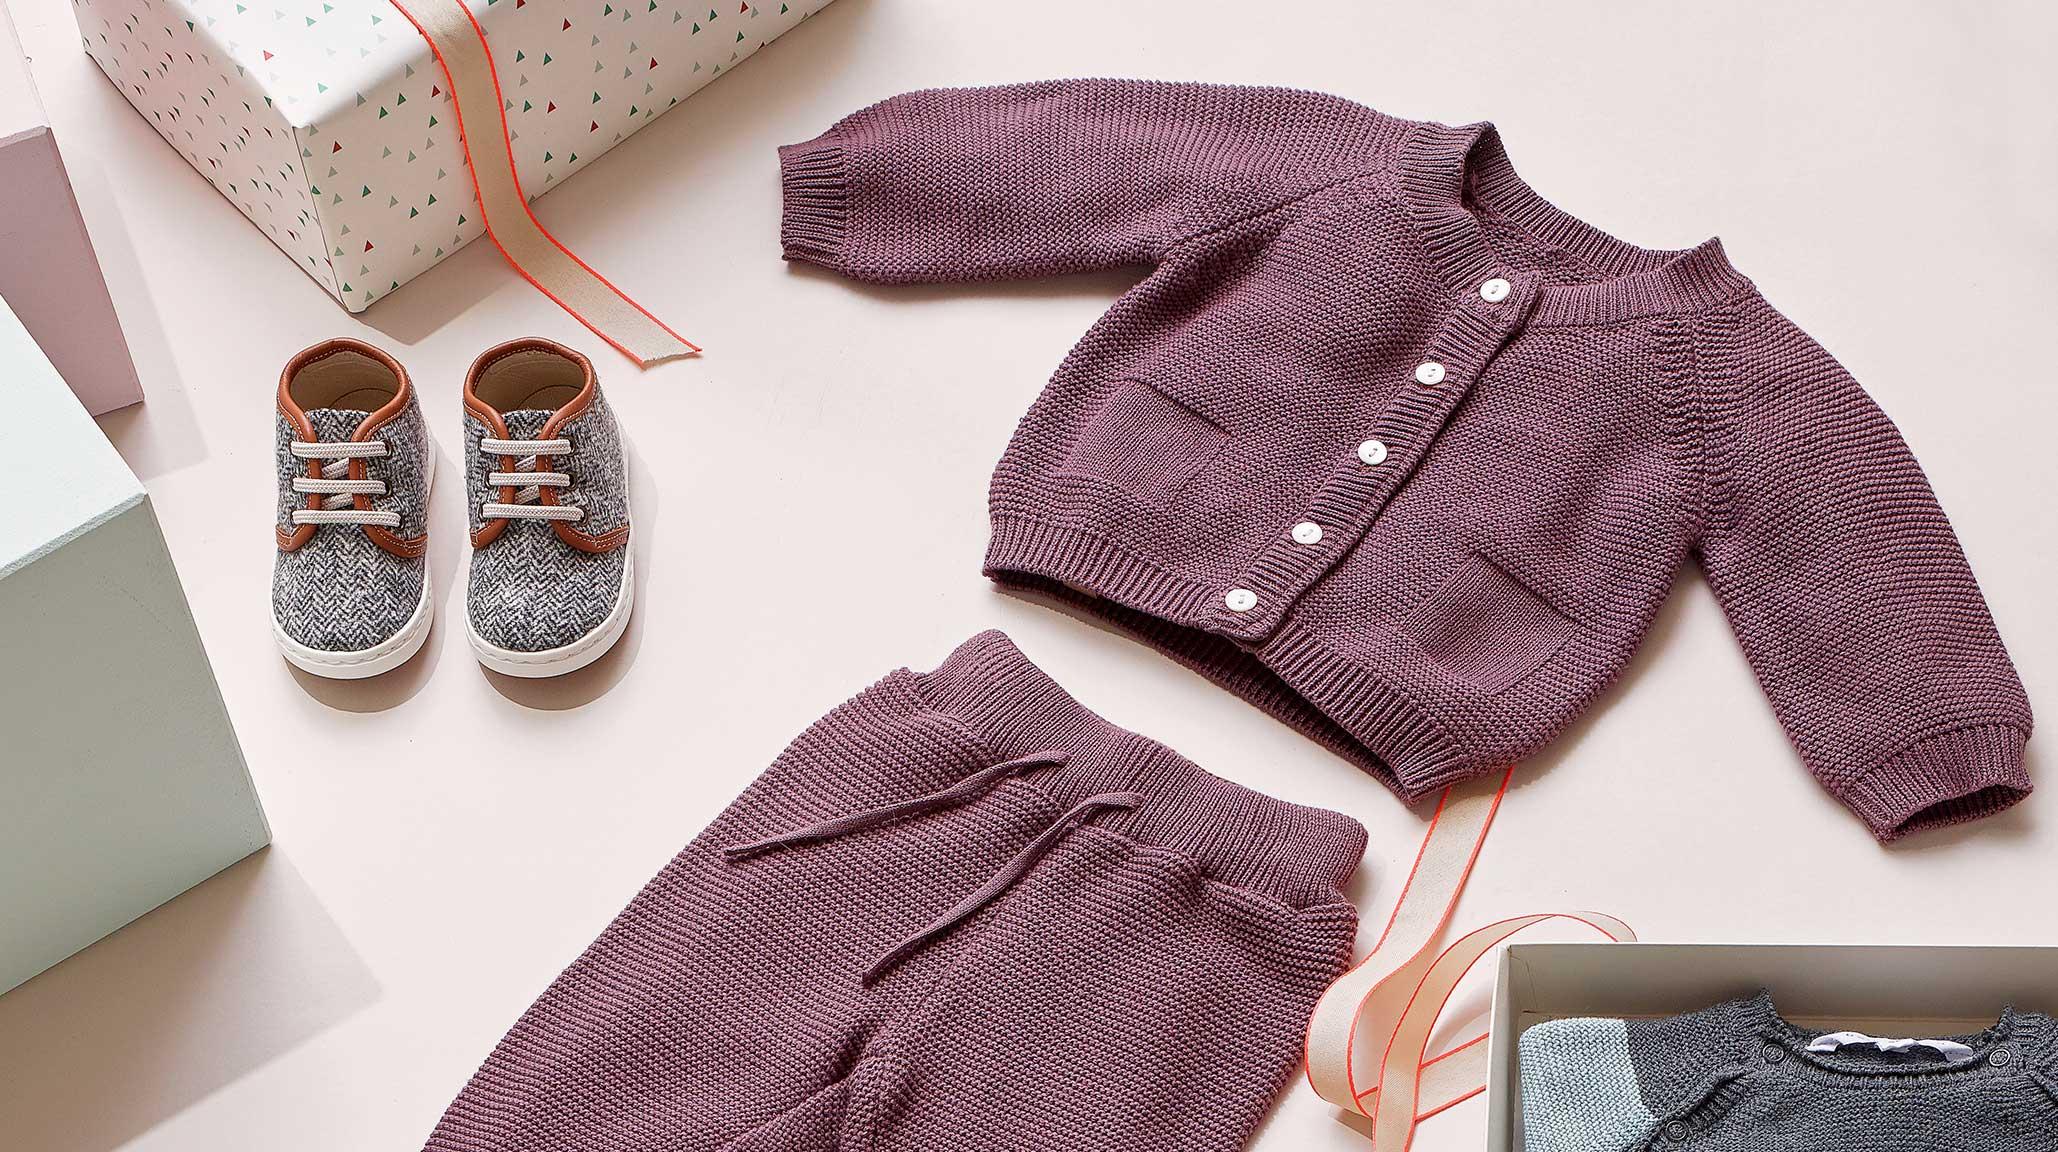 Bekleidung für Babies zur Erstausstattung